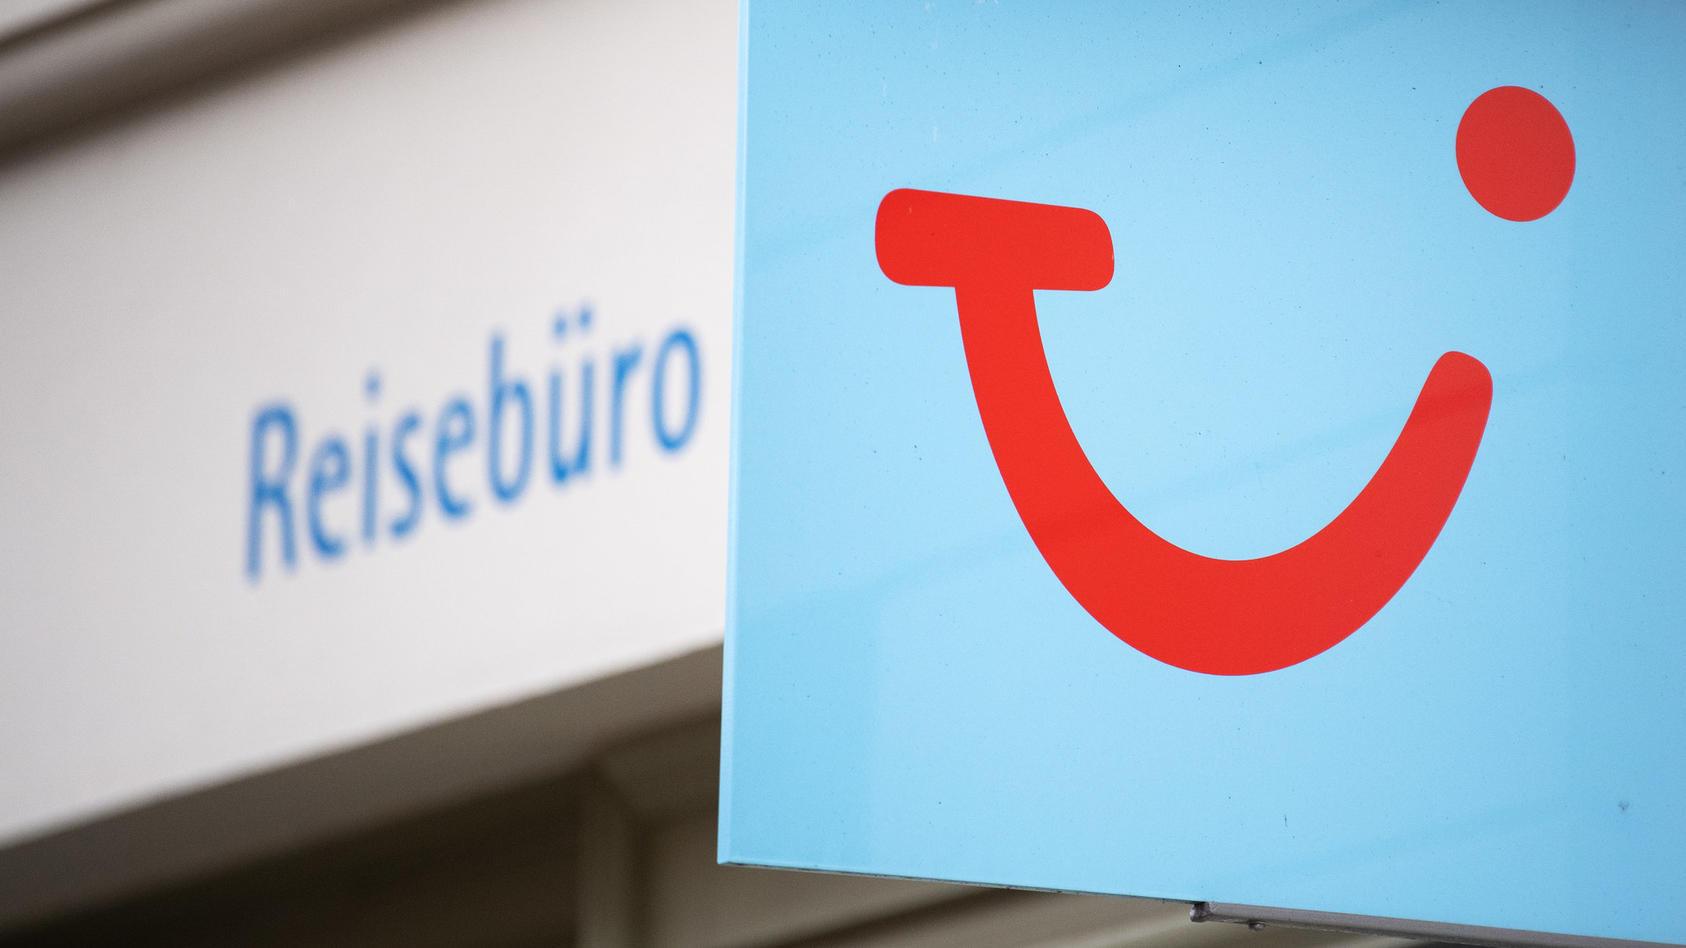 TUI - Reisebüro